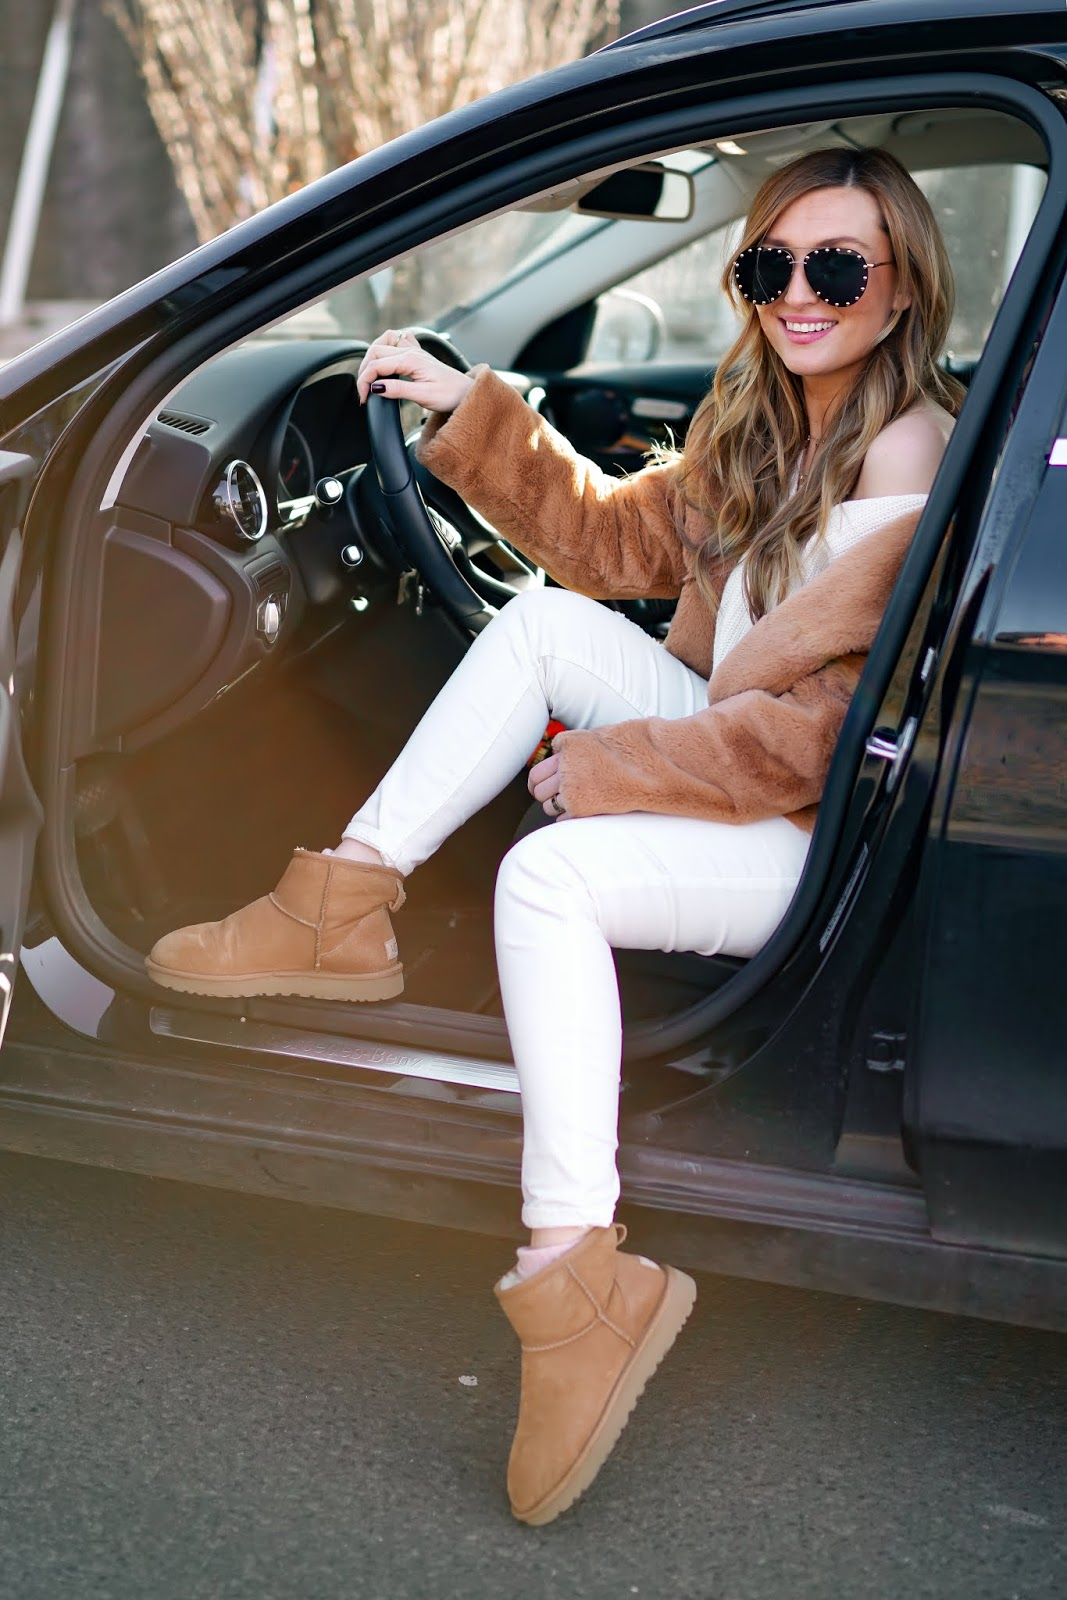 Shein-Mantel-Ugg-boots-braune-ugg-boots-kombinieren-wie-kombiniert-man-einen-teddymantel-Outfitinspiration-Weiße-jeans-kombinieren-outfitinspiration-fashionstylebyjohanna (5)